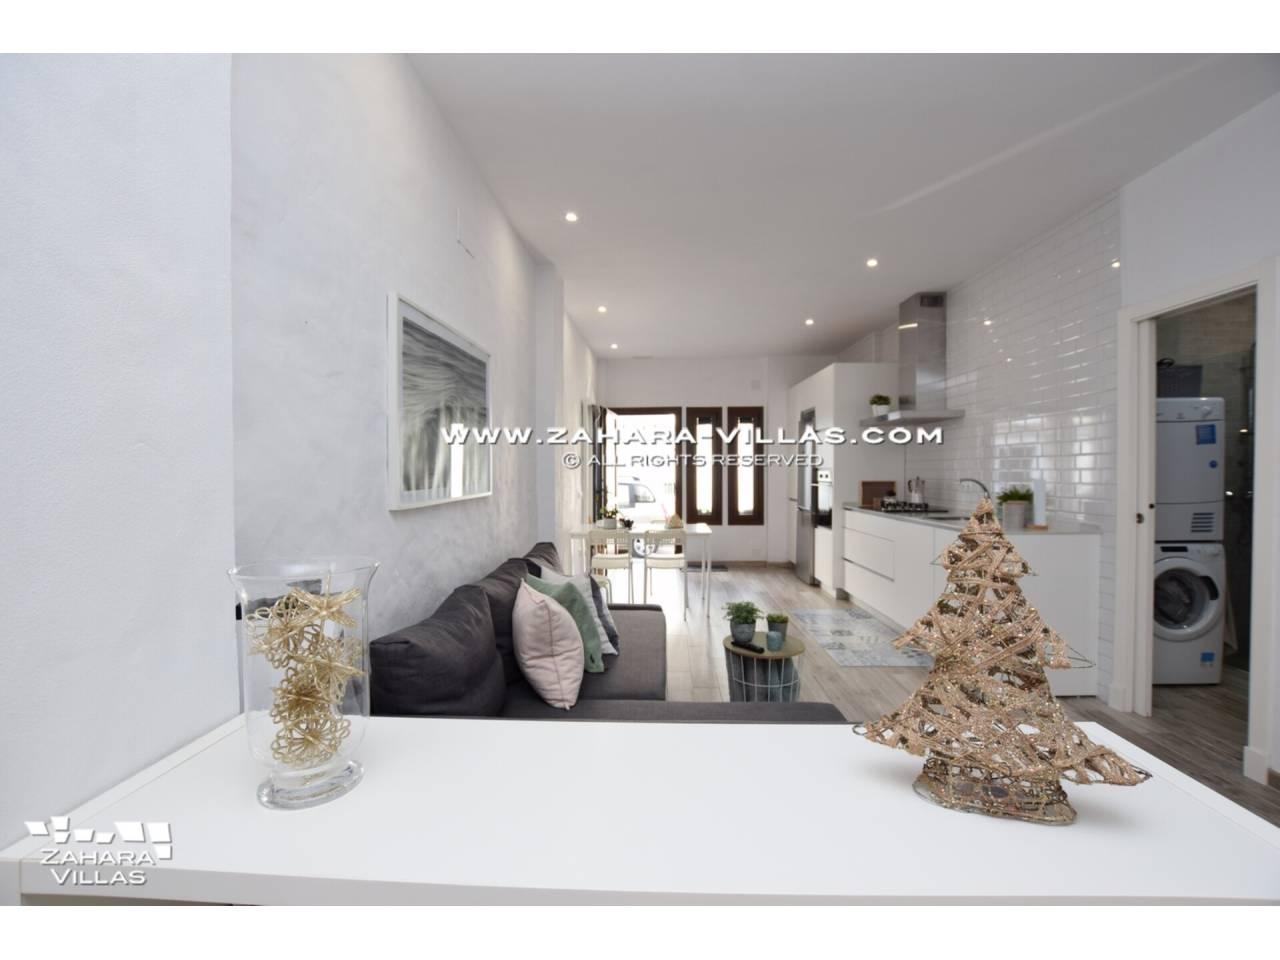 Imagen 46 de Haus zum verkauf in Zahara de los Atunes